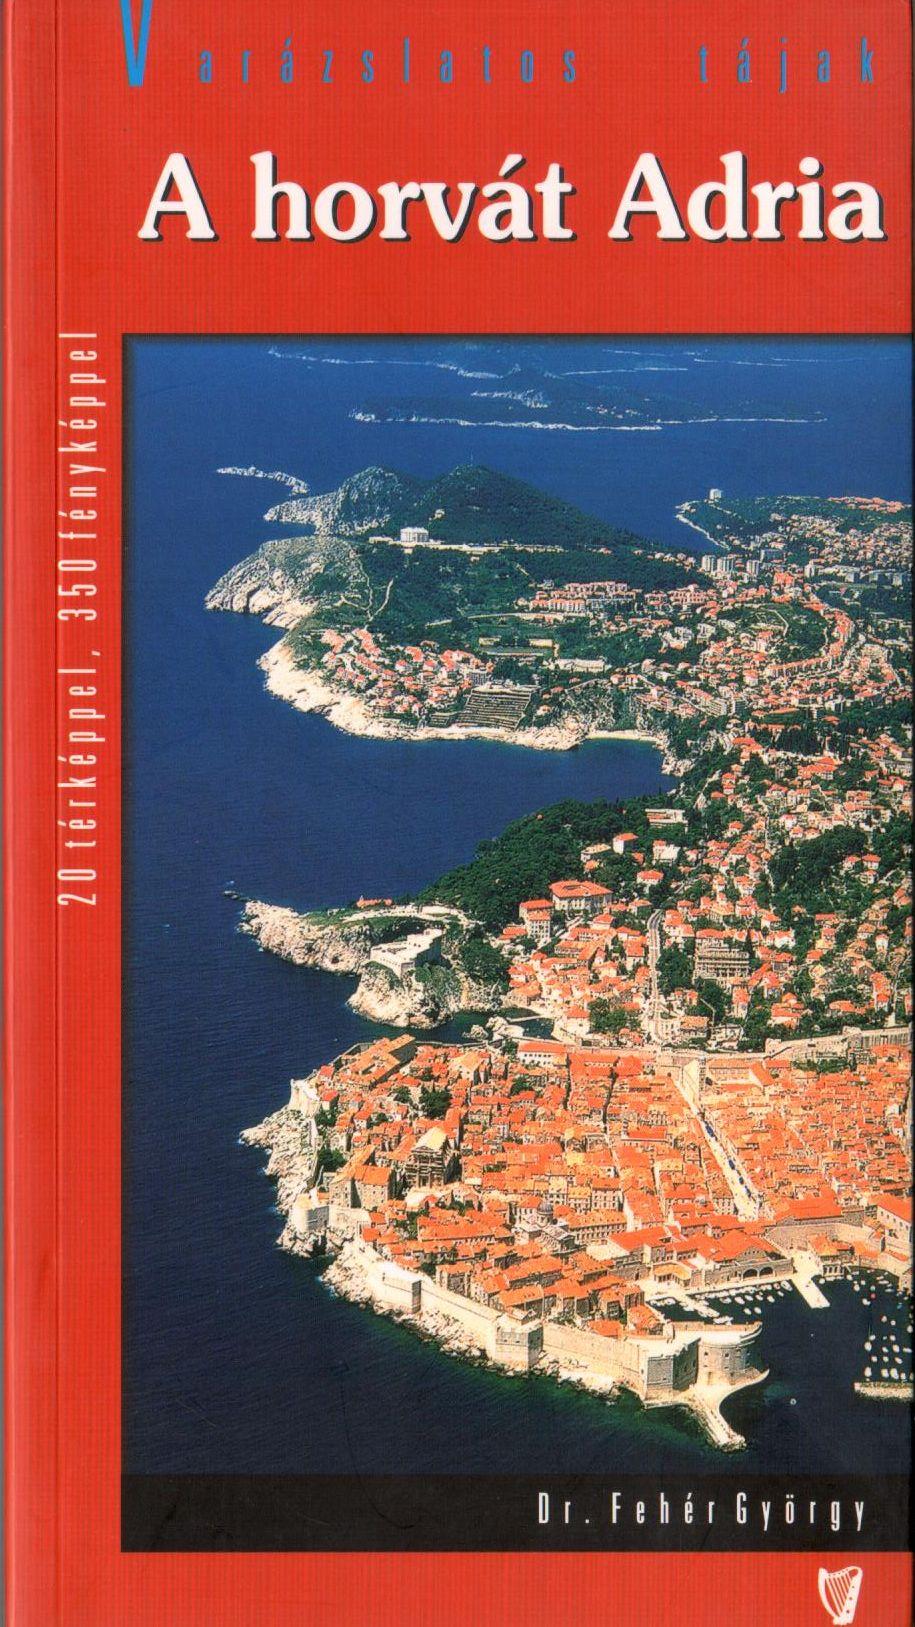 5 útikönyv egyszerre megvásárolva csak 6.000 Ft + 2.500 Ft posta- és hanlingköltség